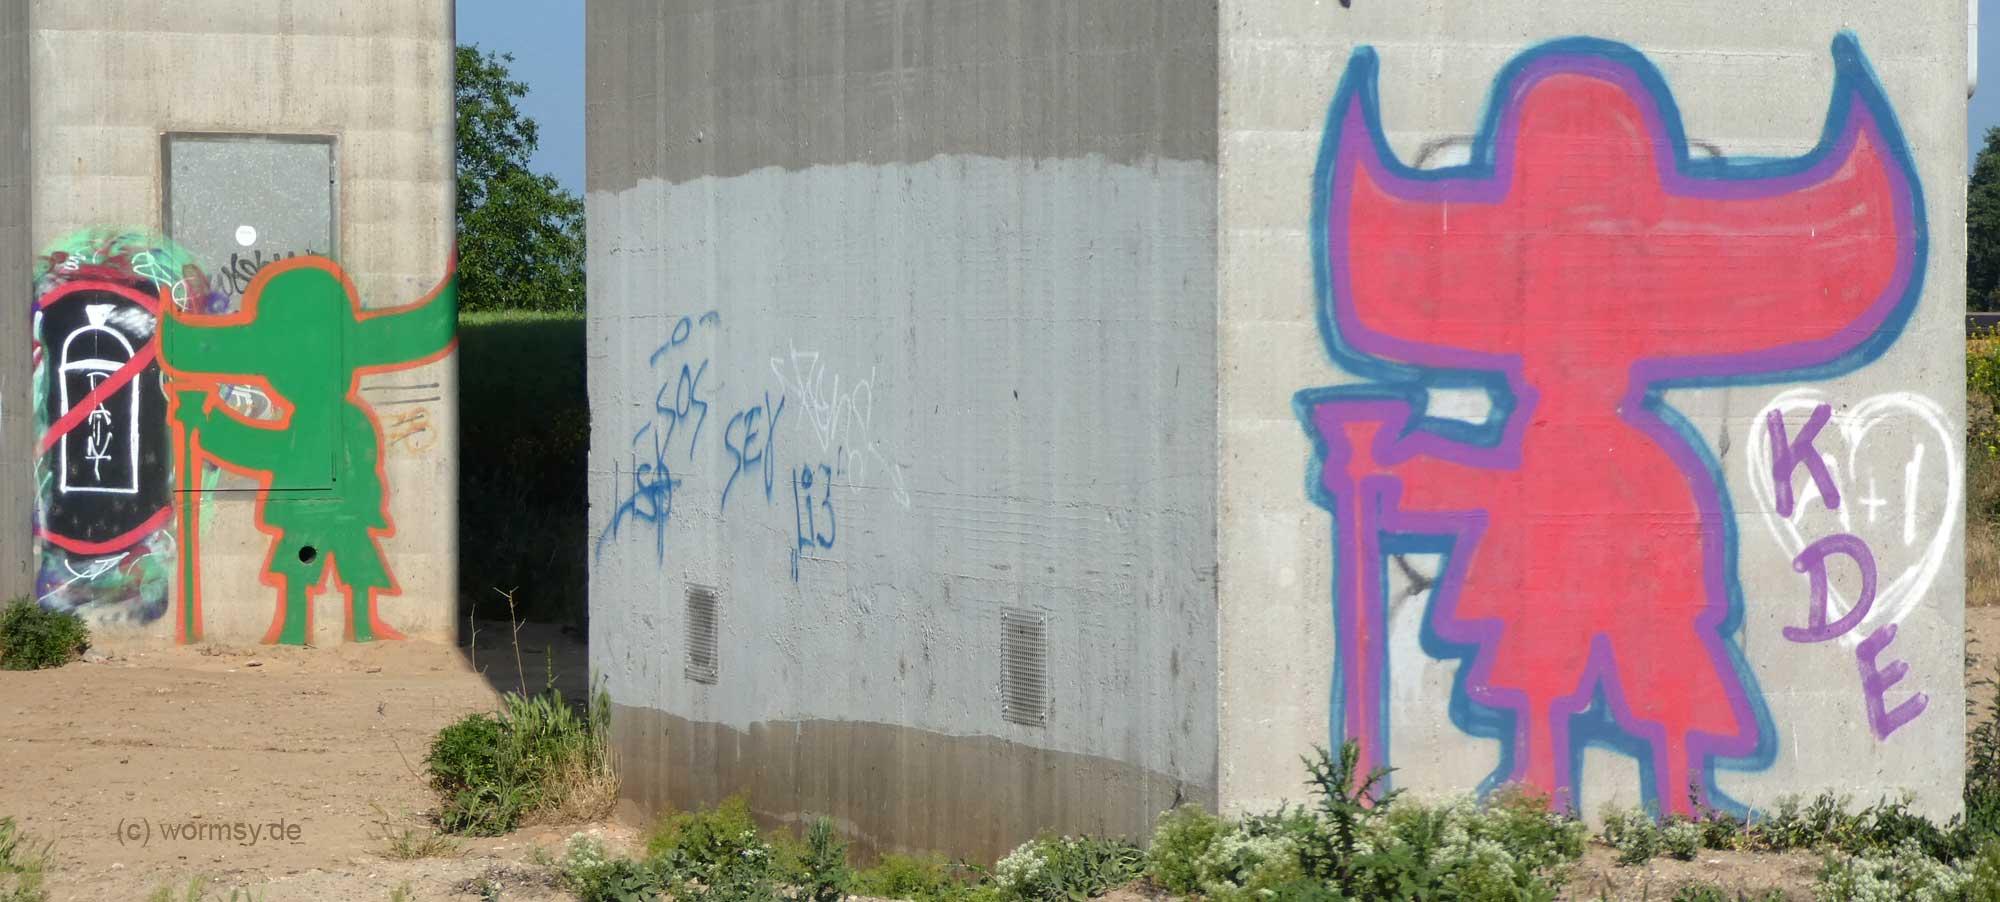 Graffiti unter der Talbrücke Worms-Pfeddersheim